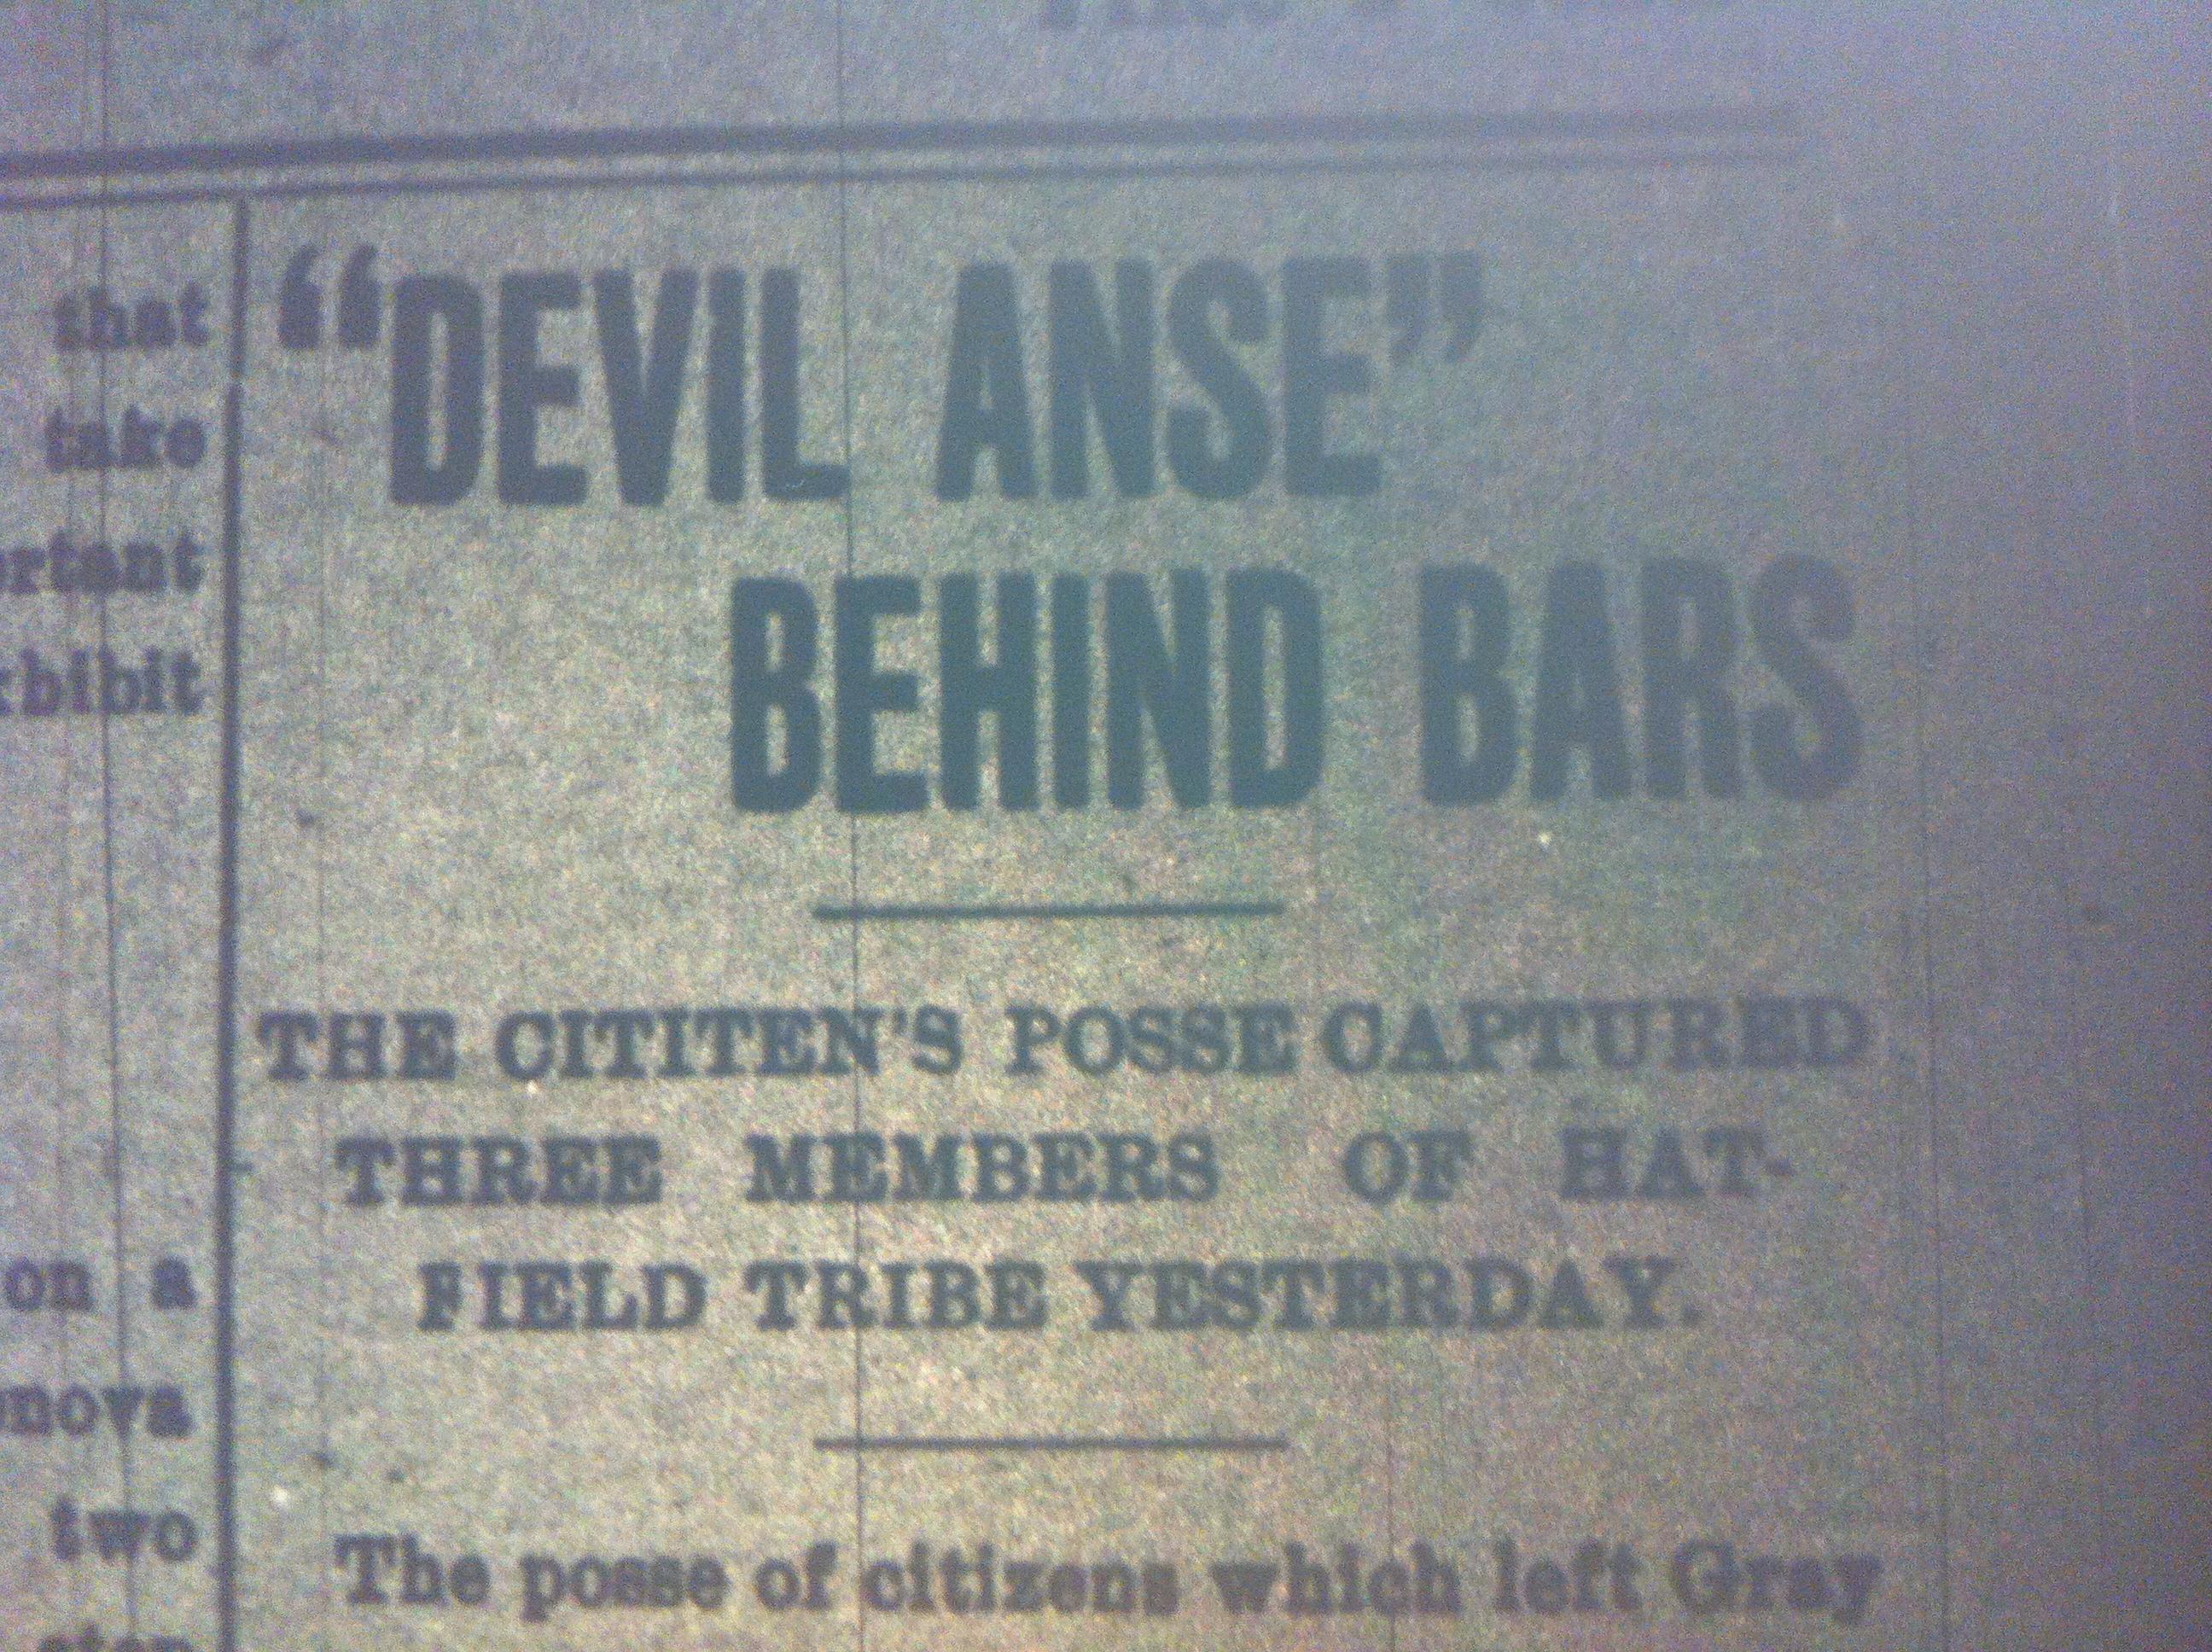 Devil Anse Behind Bars HA 09.12.1899 1